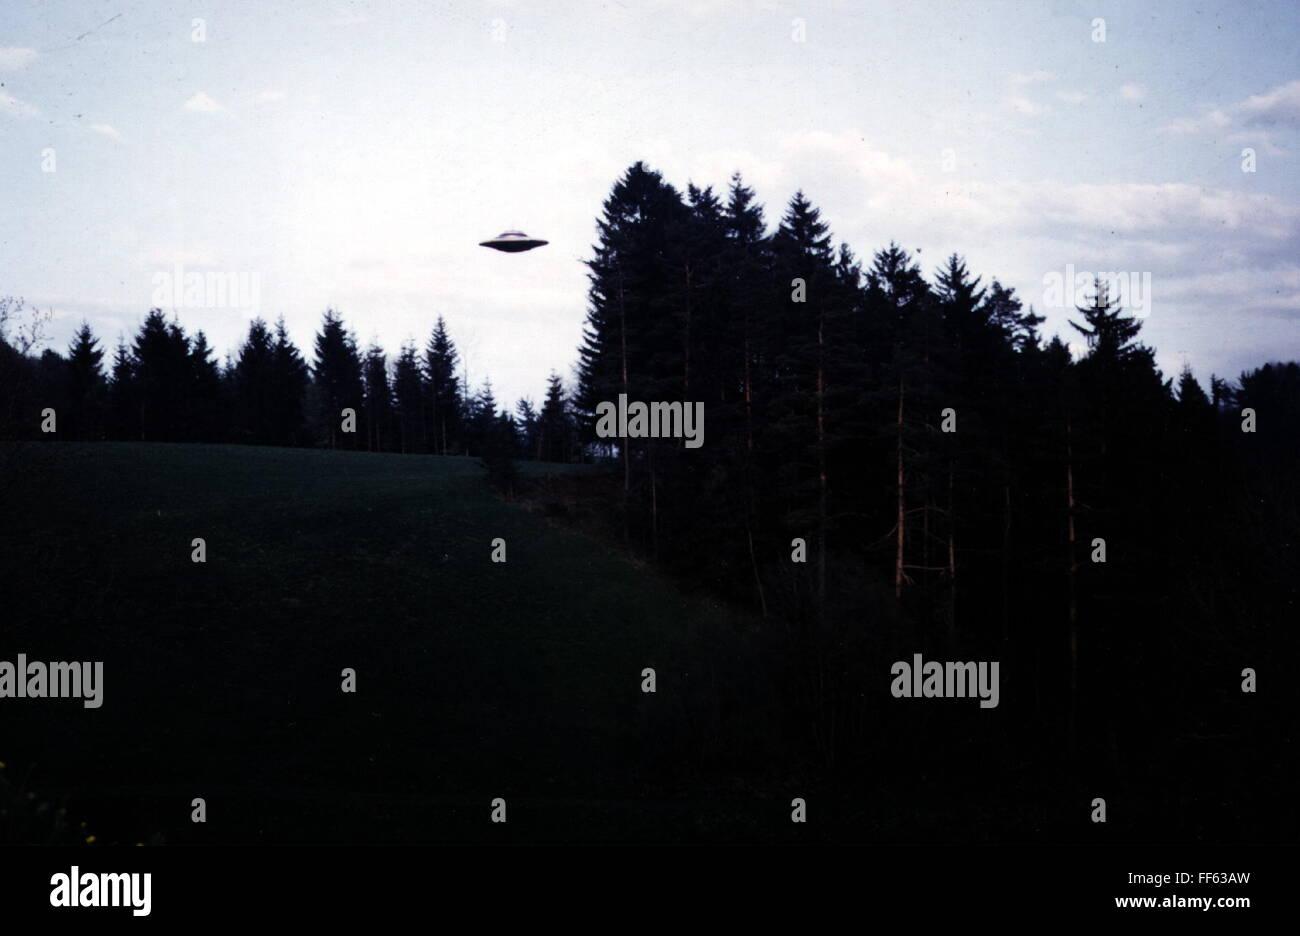 De l'astronautique, objet volant non identifié (ovni), battant, ovni, Sädelegg Schmidrüti, Suisse, Photo Stock